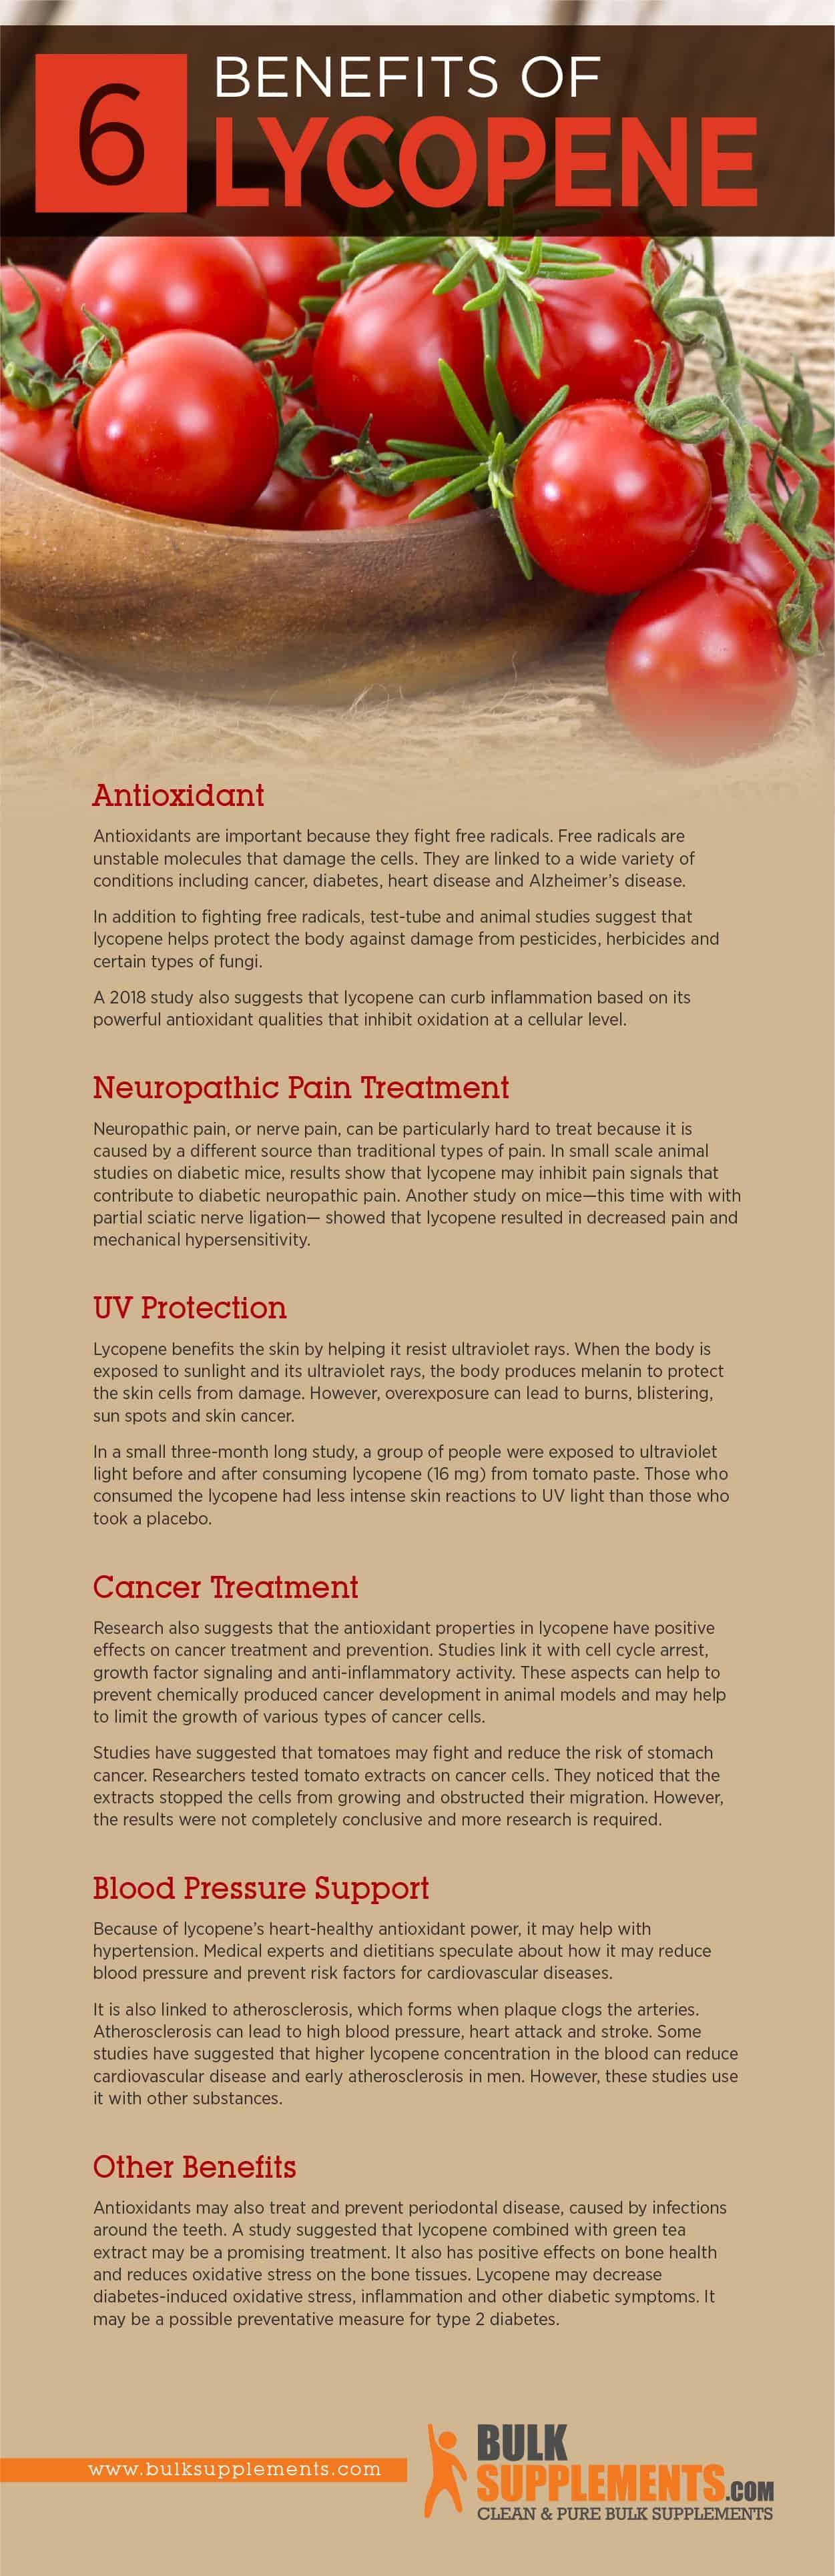 Lycopene Benefits